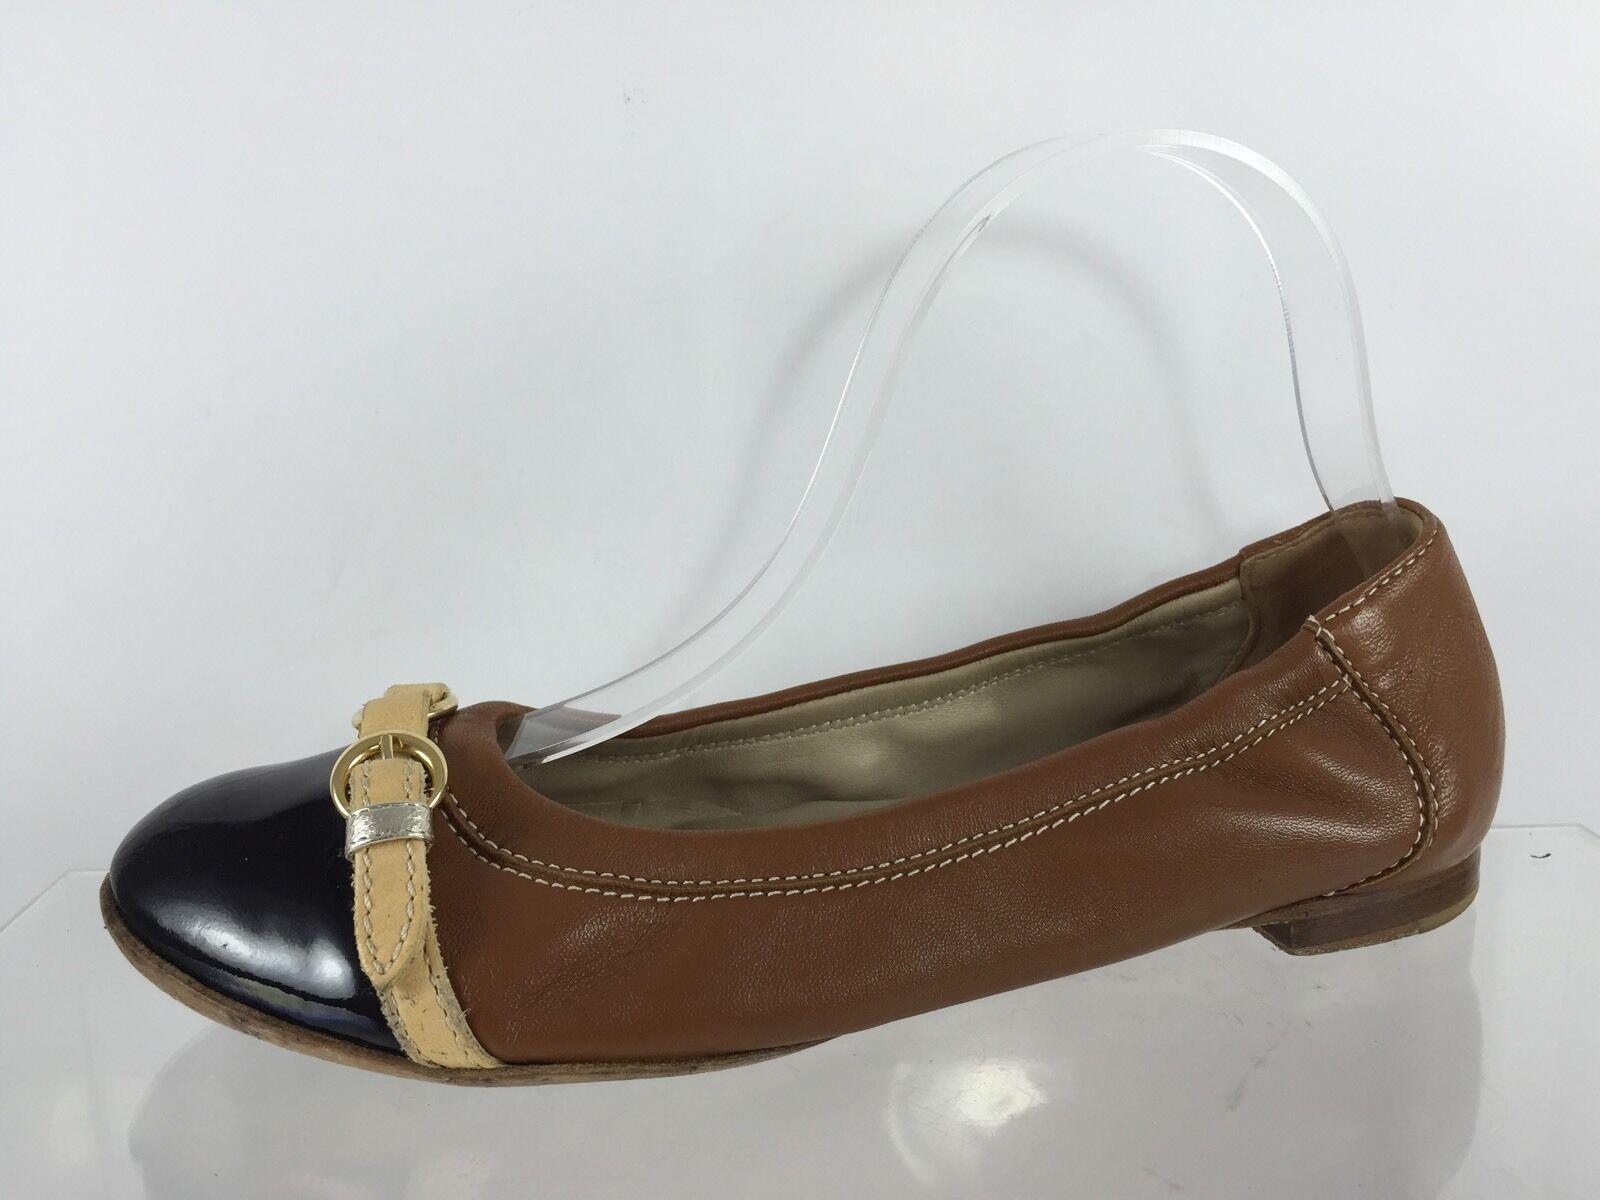 all'ingrosso economico e di alta qualità AGL donna donna donna Marrone Leather Flats 37  economico online